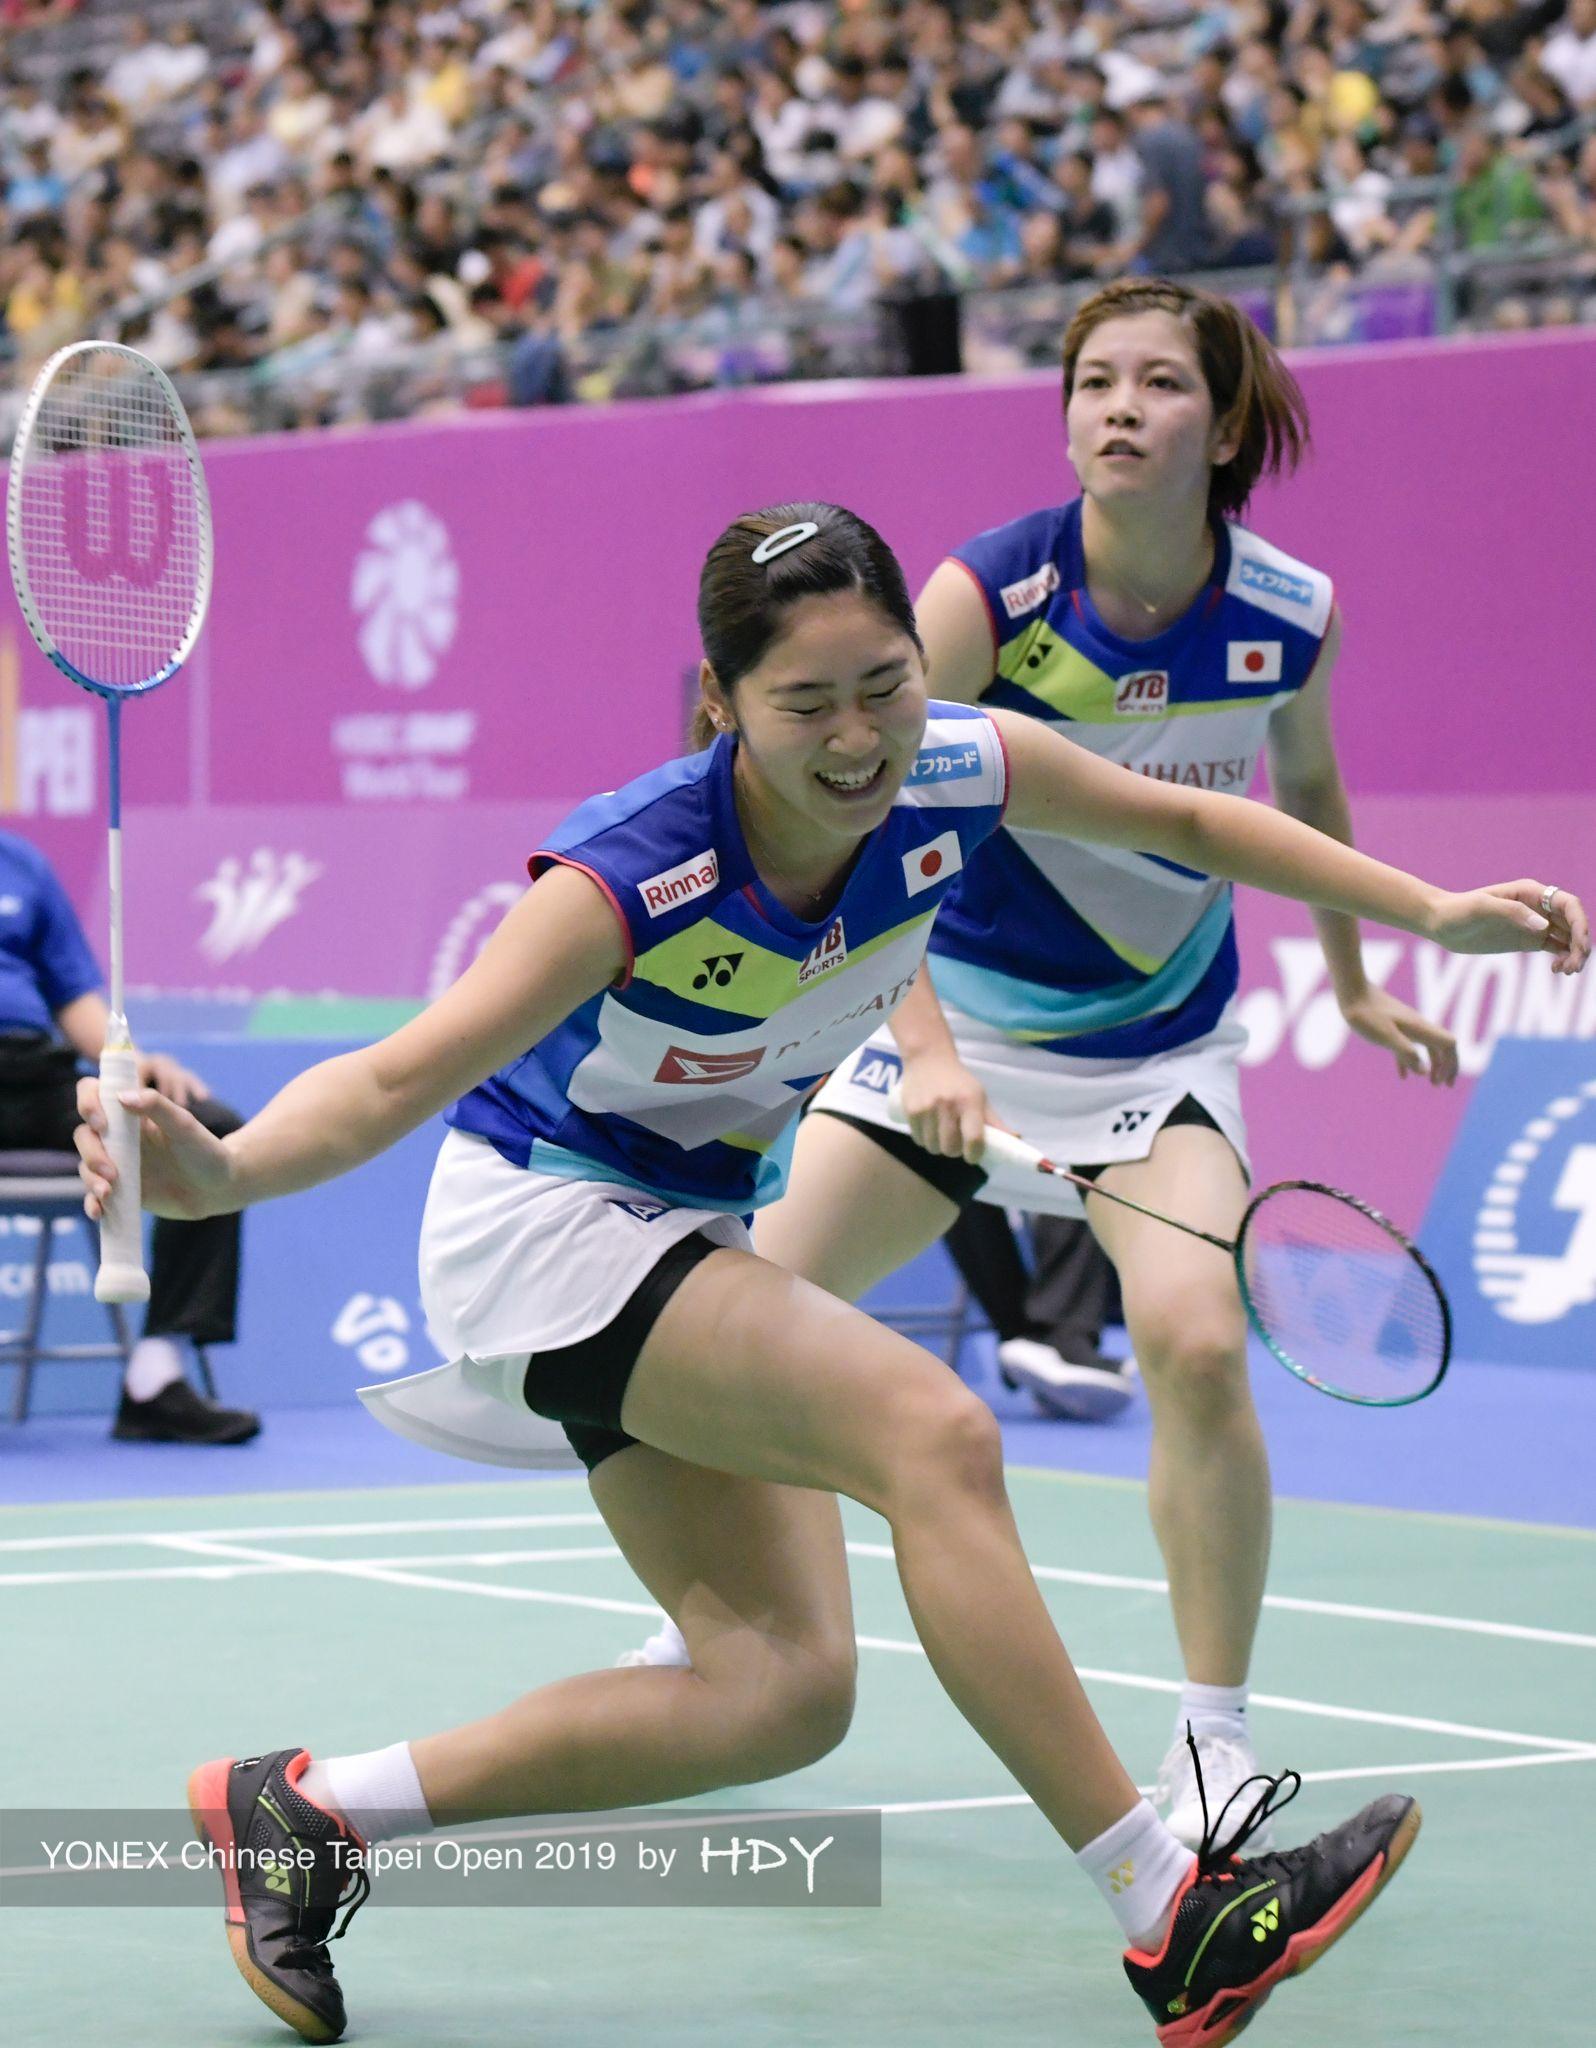 ボード badminton wd のピン